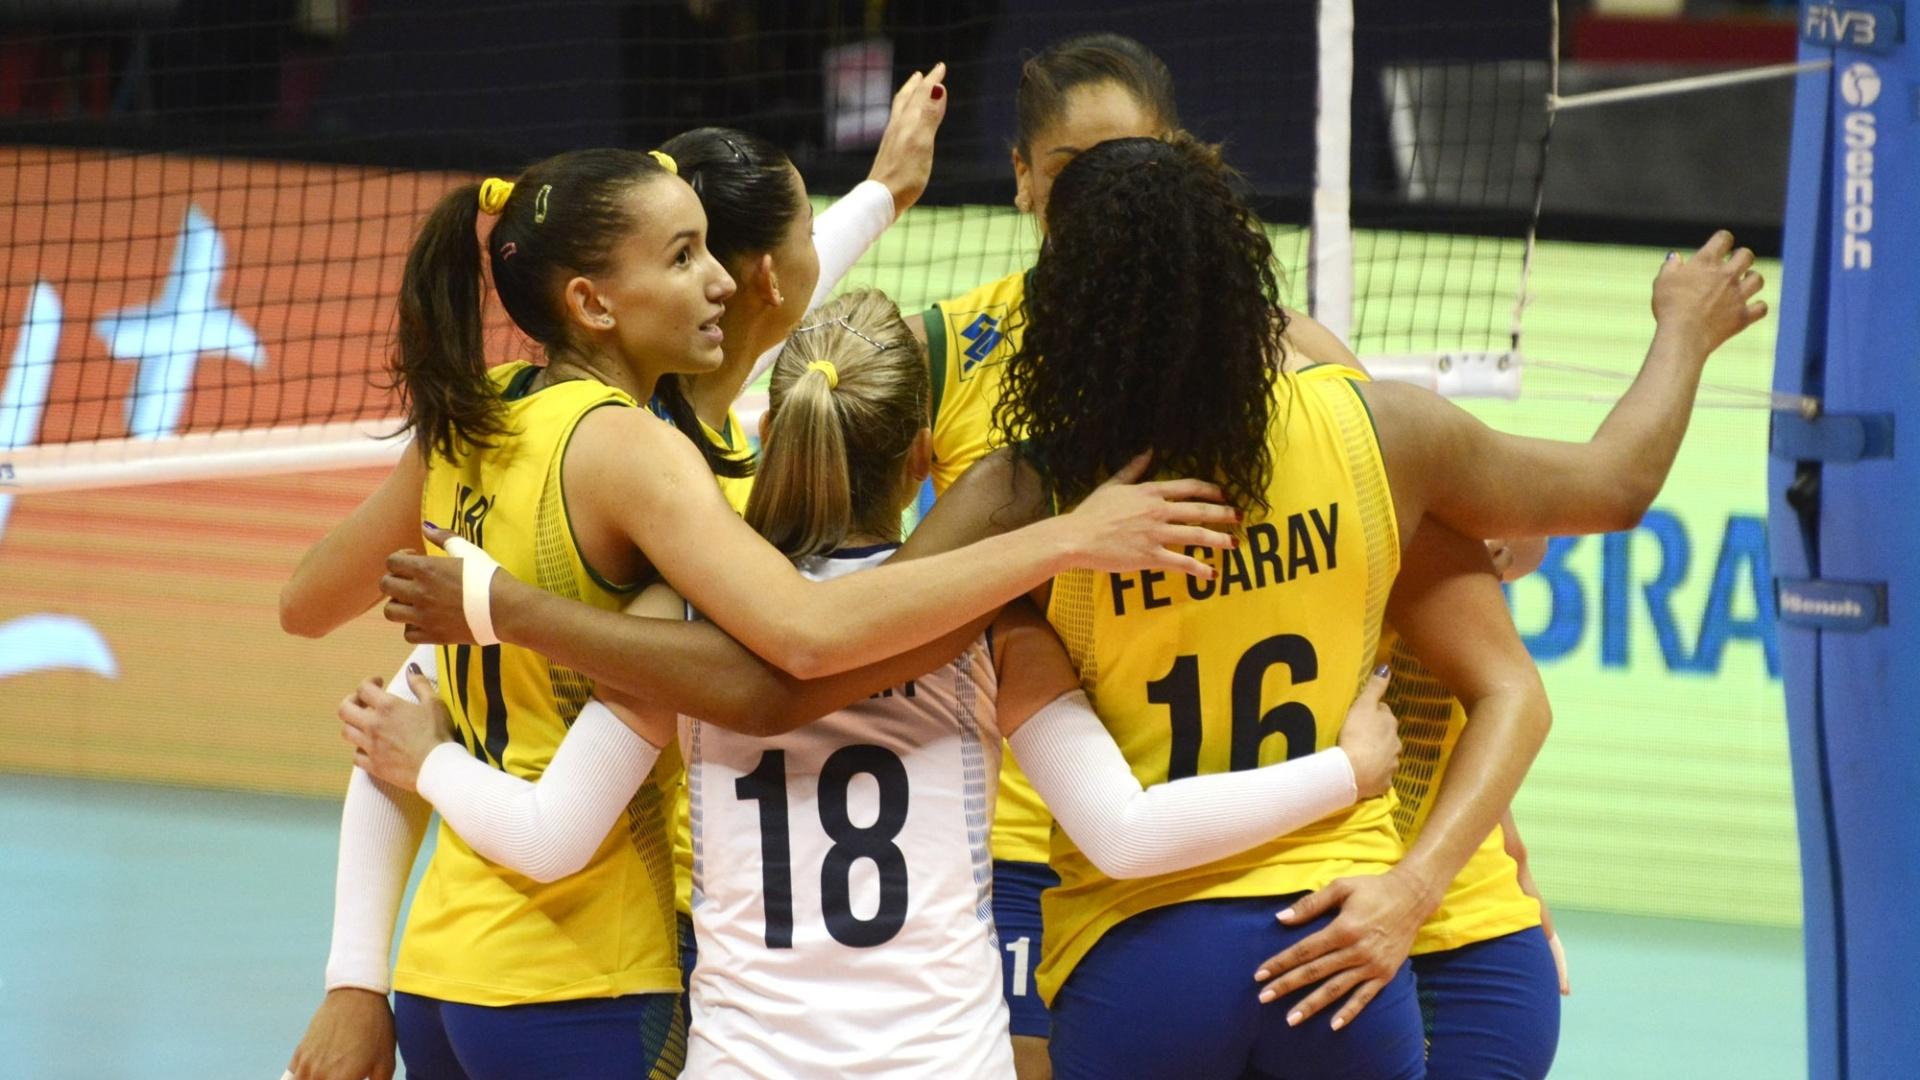 Jogadoras da seleção brasileira de vôlei comemoram ponto contra a Bélgica, pela segunda etapa do Grand Prix, em São Paulo